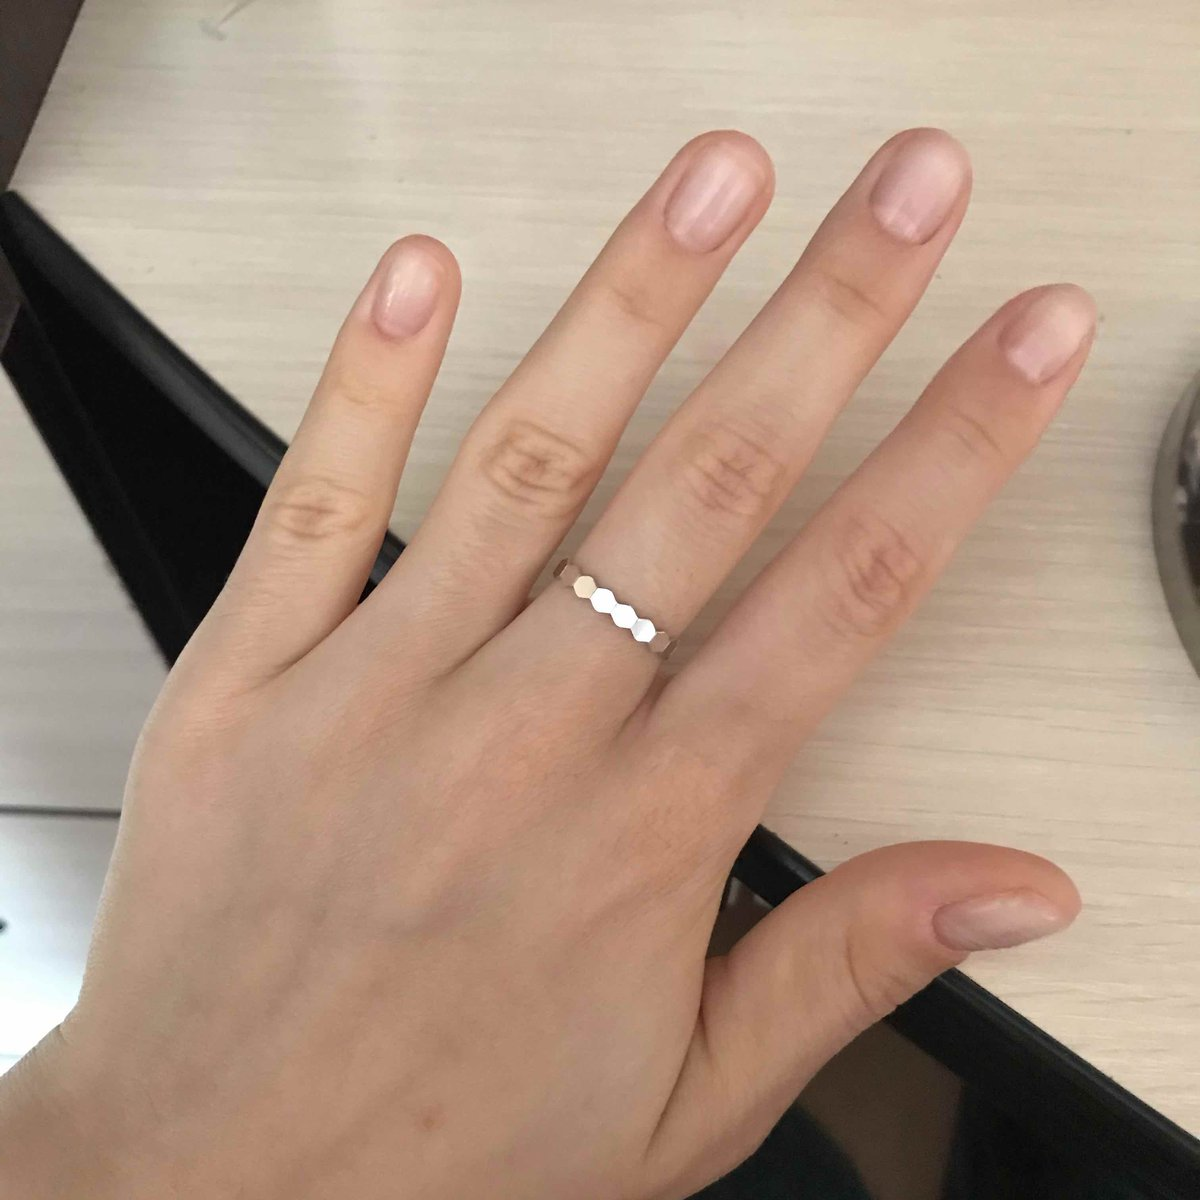 Очень красивое, минималистичное кольцо)